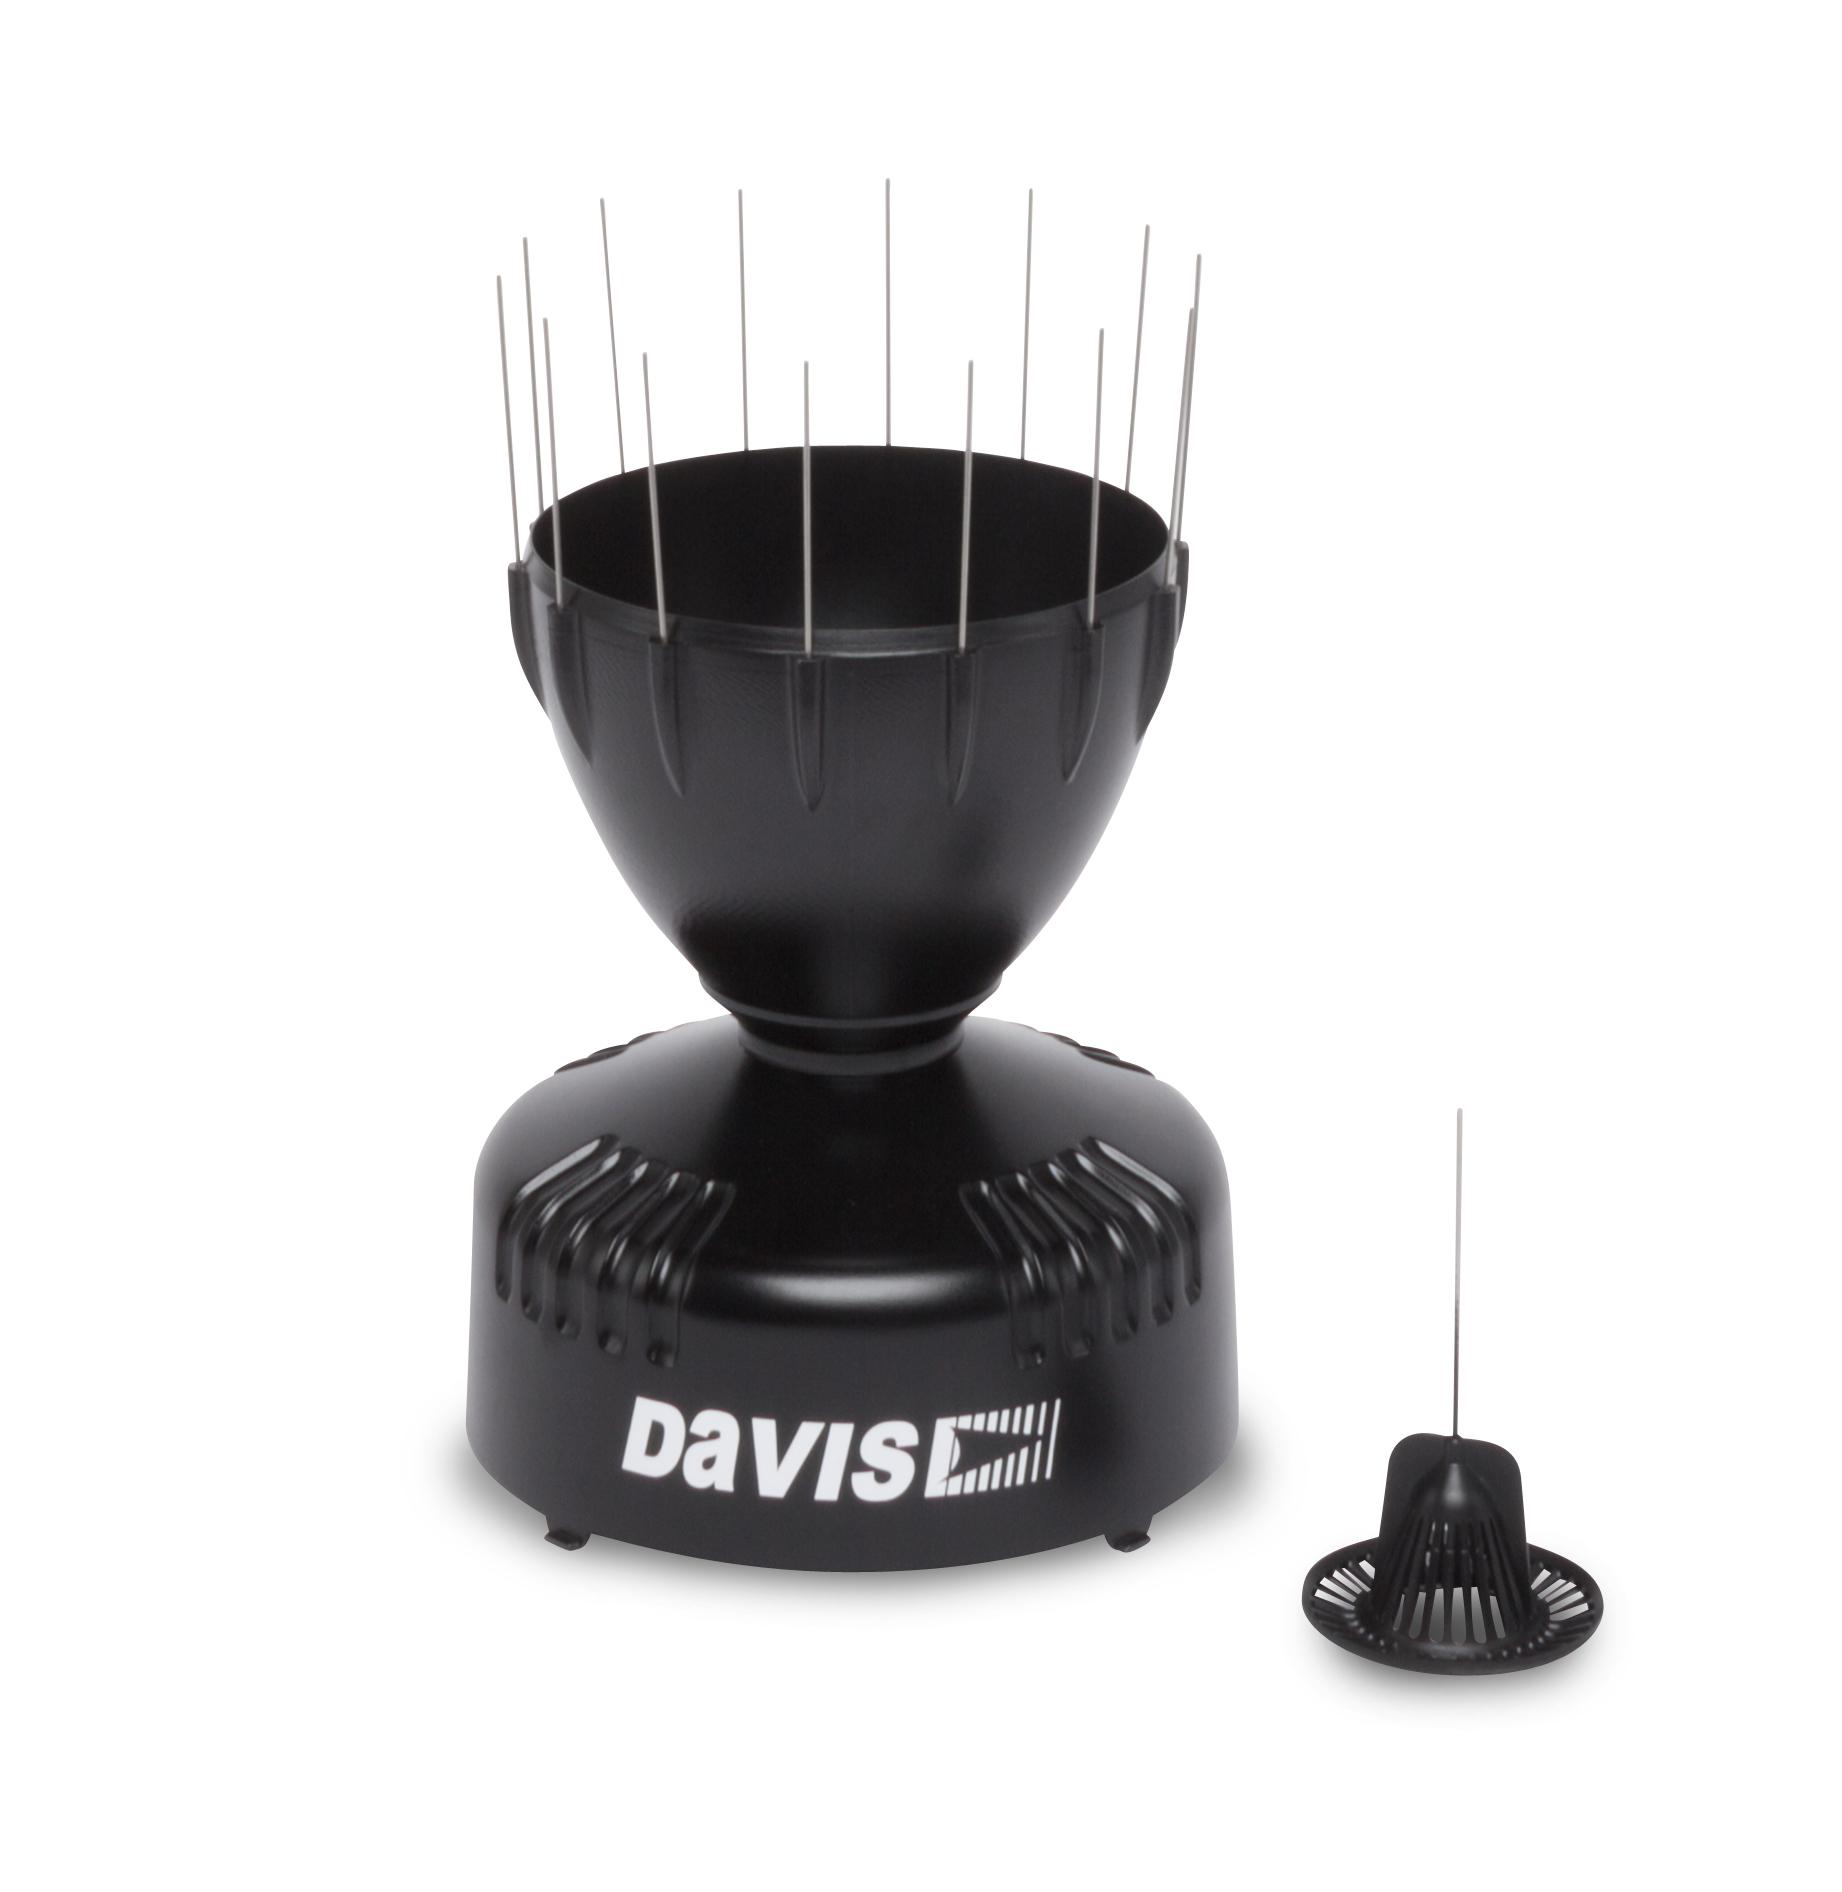 Davis 6163 Vantage Pro 2Plus + fan professional weerstation